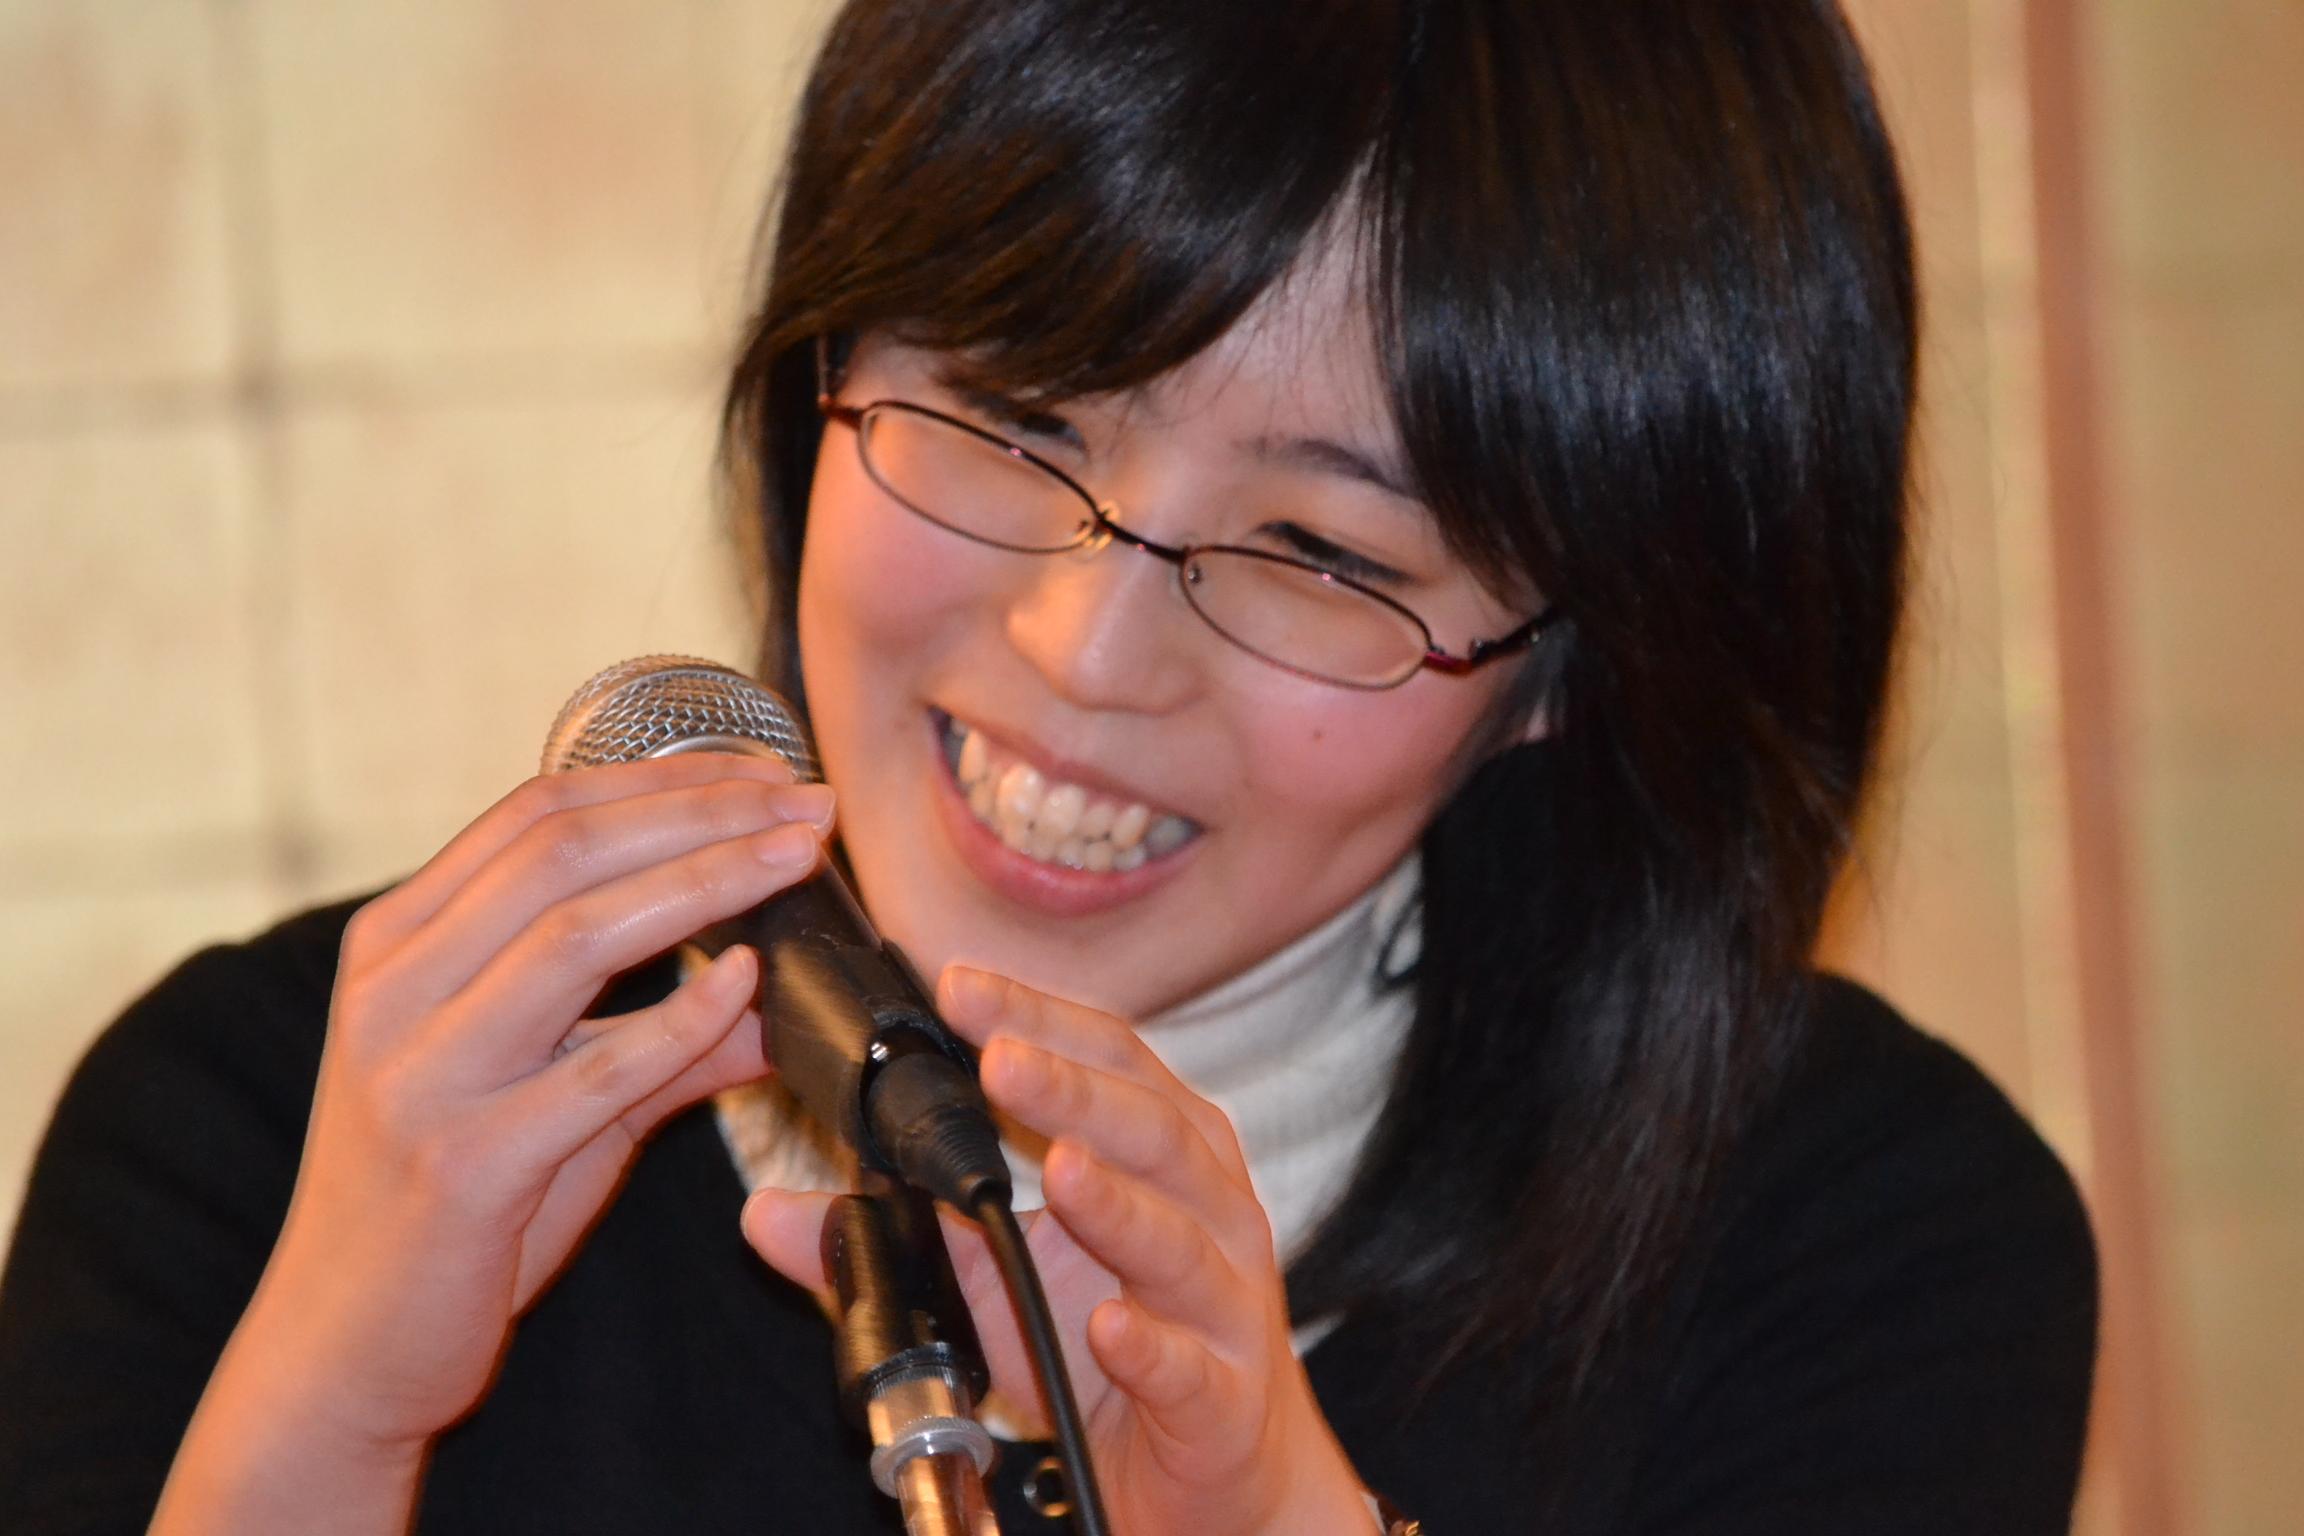 【名古屋】エステ嬢として女子高生らにマサージなどの接客させる…経営者ら2人を逮捕 ->画像>18枚